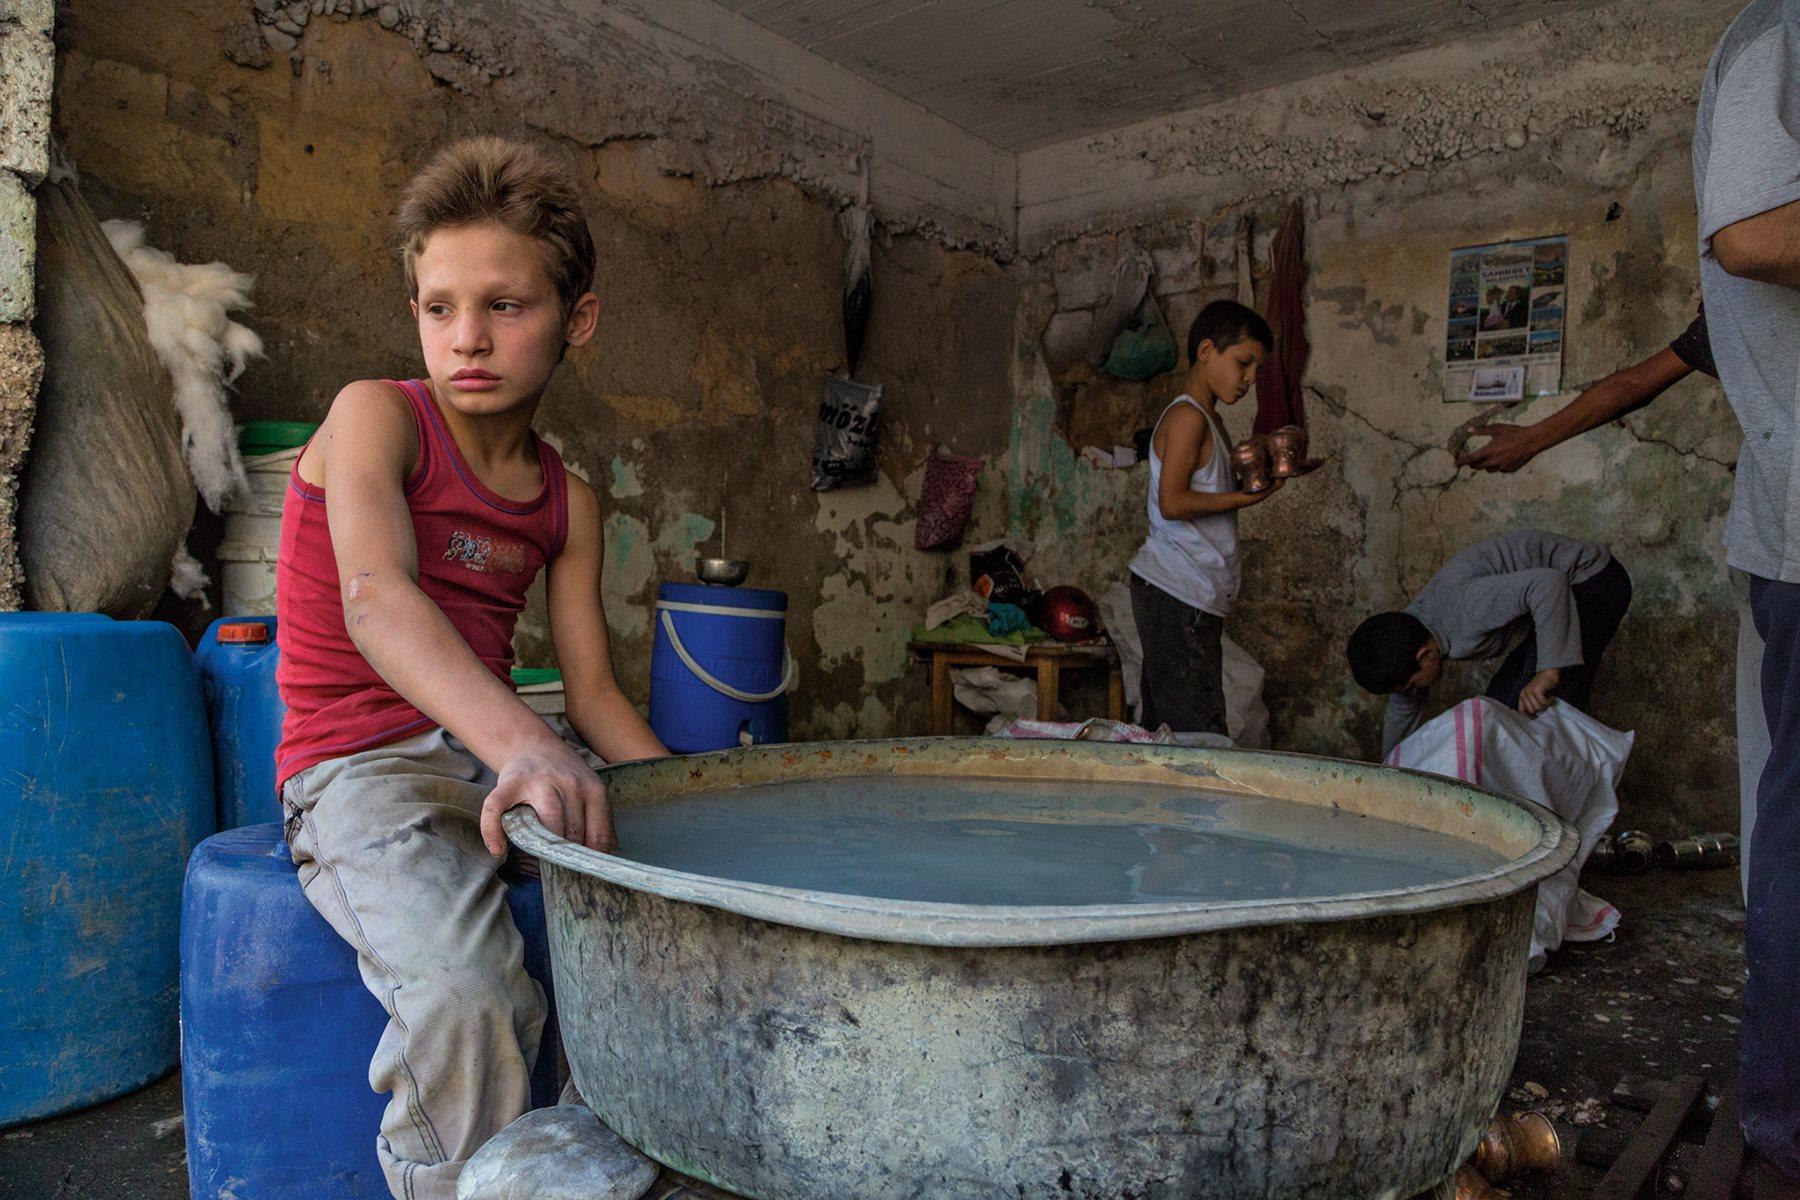 En el casco histórico de Gaziantep, Adnan, de 11 años, lava sin guantes teteras y tazas de cobre recién fabricadas para eliminar las sustancias químicas. Como muchos niños refugiados de esta ciudad, trabaja ilegalmente para ayudar a su familia (2015). Joh